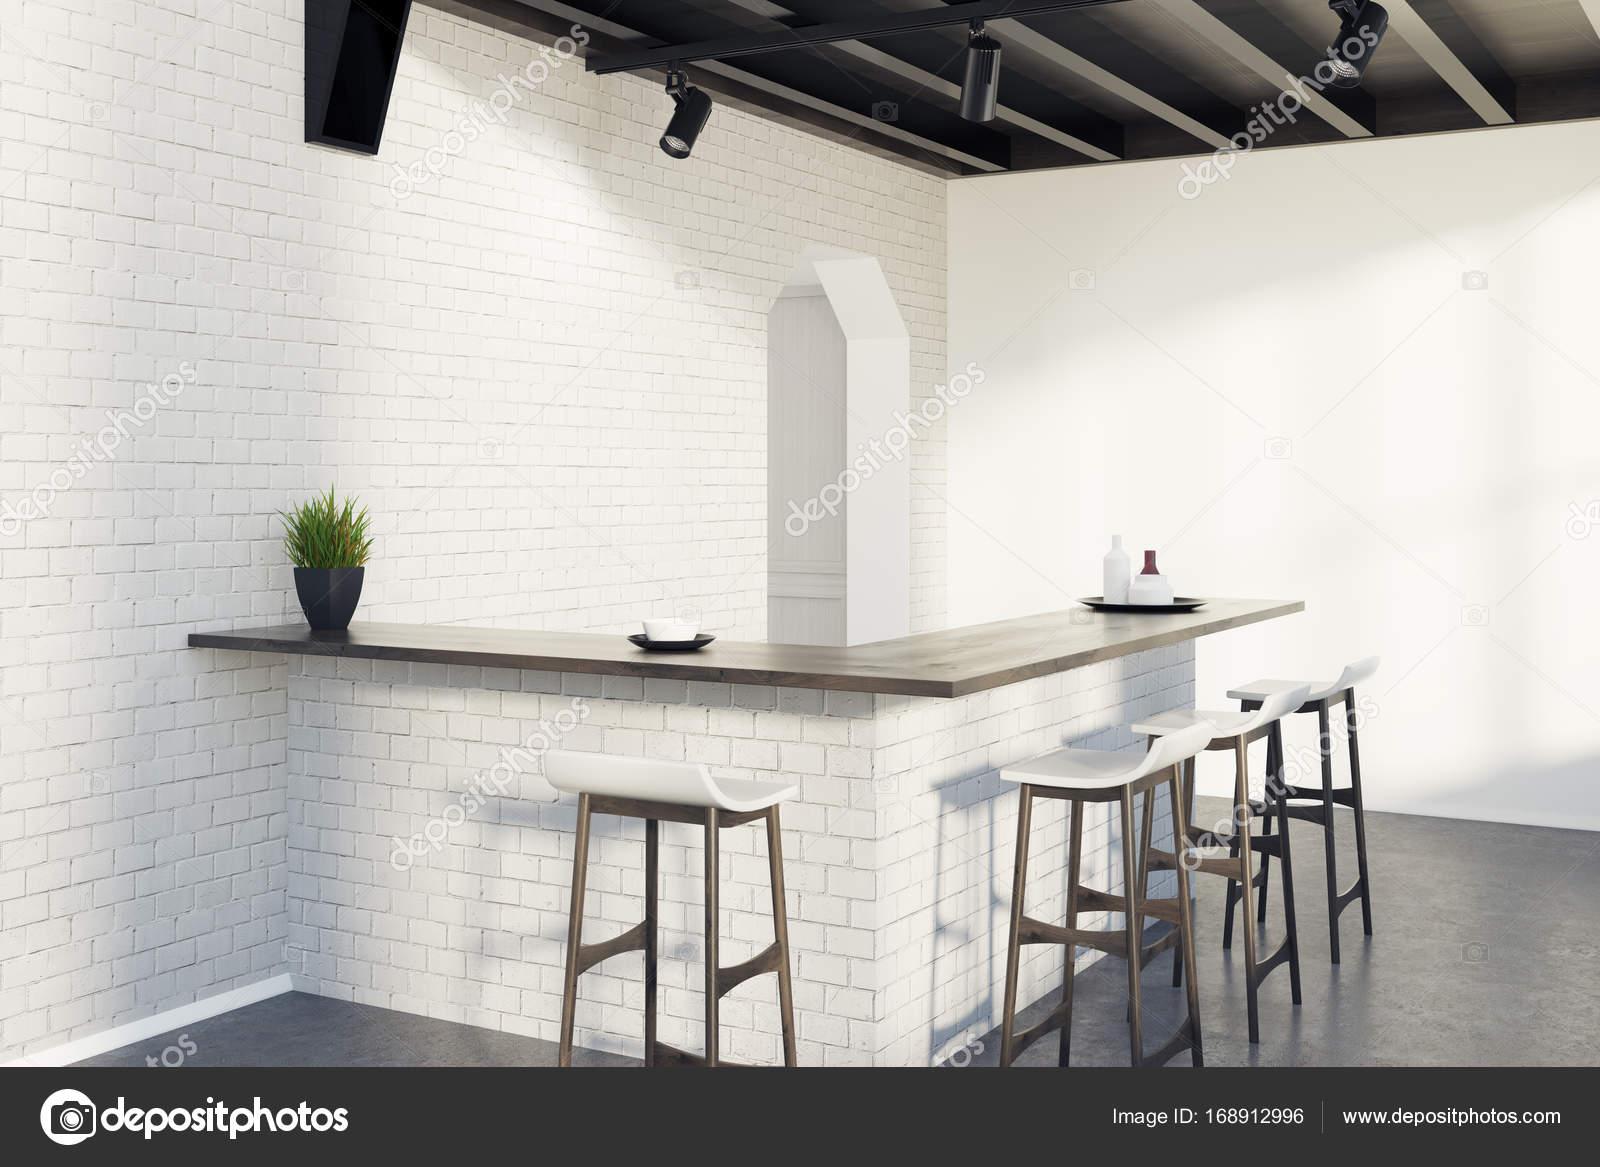 Baksteen keukenbar krukken en een deur grijze hoek u2014 stockfoto